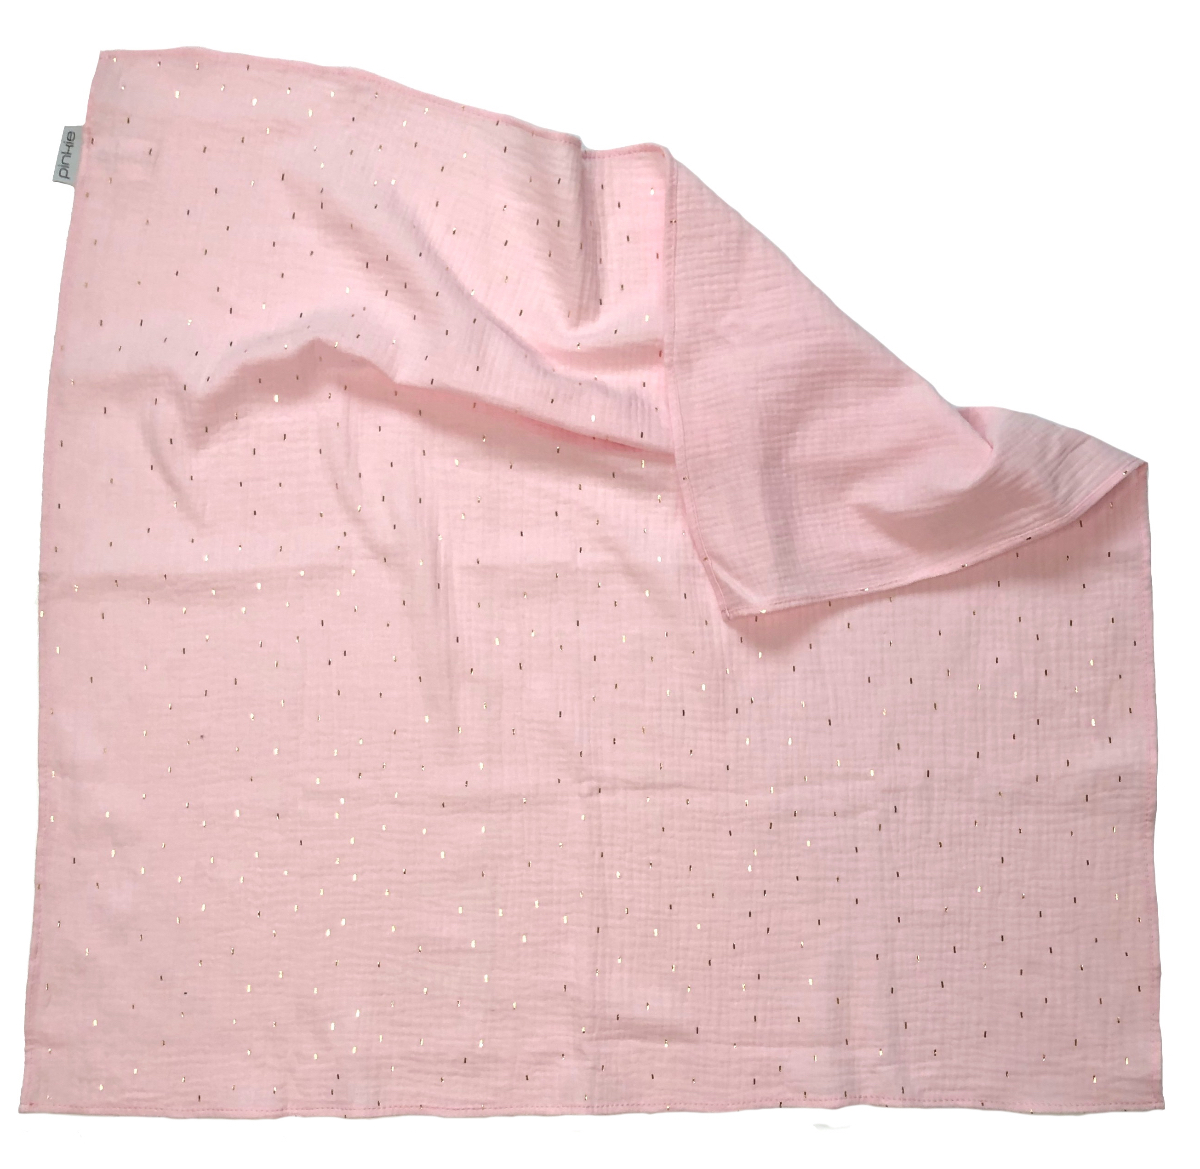 kliknutít zobrazíte maximální velikost obrázku set Muslin Light Pink veľký